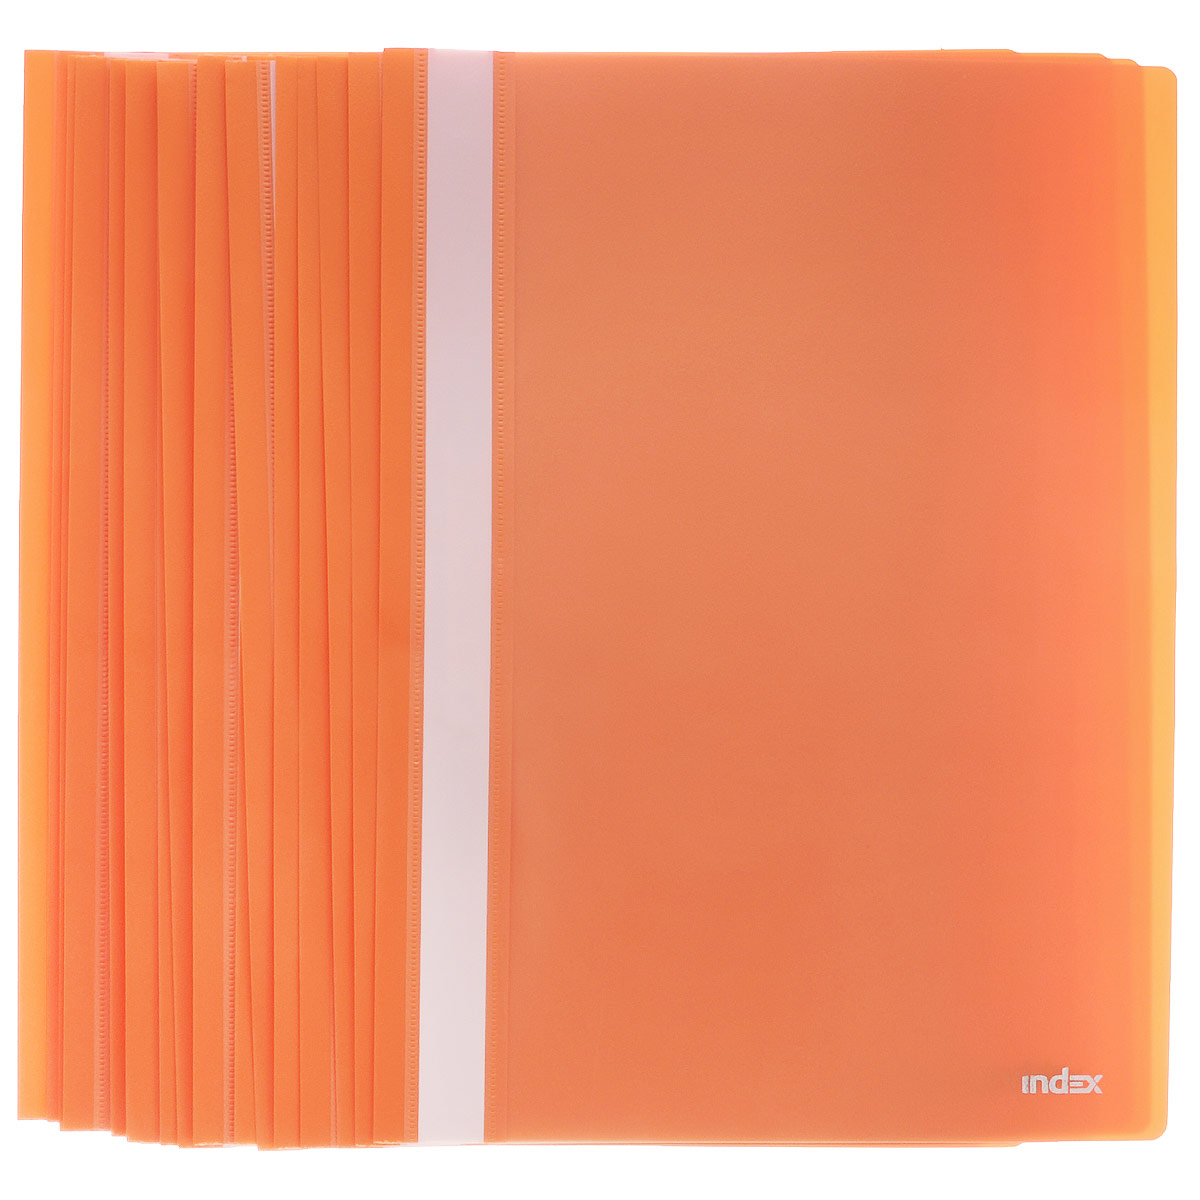 Папка-скоросшиватель Index, цвет: оранжевый. Формат А4, 20 шт83121ОПапка-скоросшиватель Index, изготовленная из высококачественного полипропилена, это удобный и практичный офисный инструмент, предназначенный для хранения и транспортировки рабочих бумаг и документов формата А4. Папка оснащена верхним прозрачным матовым листом и металлическим зажимом внутри для надежного удержания бумаг. В наборе - 20 папок.Папка-скоросшиватель - это незаменимый атрибут для студента, школьника, офисного работника. Такая папка надежно сохранит ваши документы и сбережет их от повреждений, пыли и влаги.Комплектация: 20 шт.